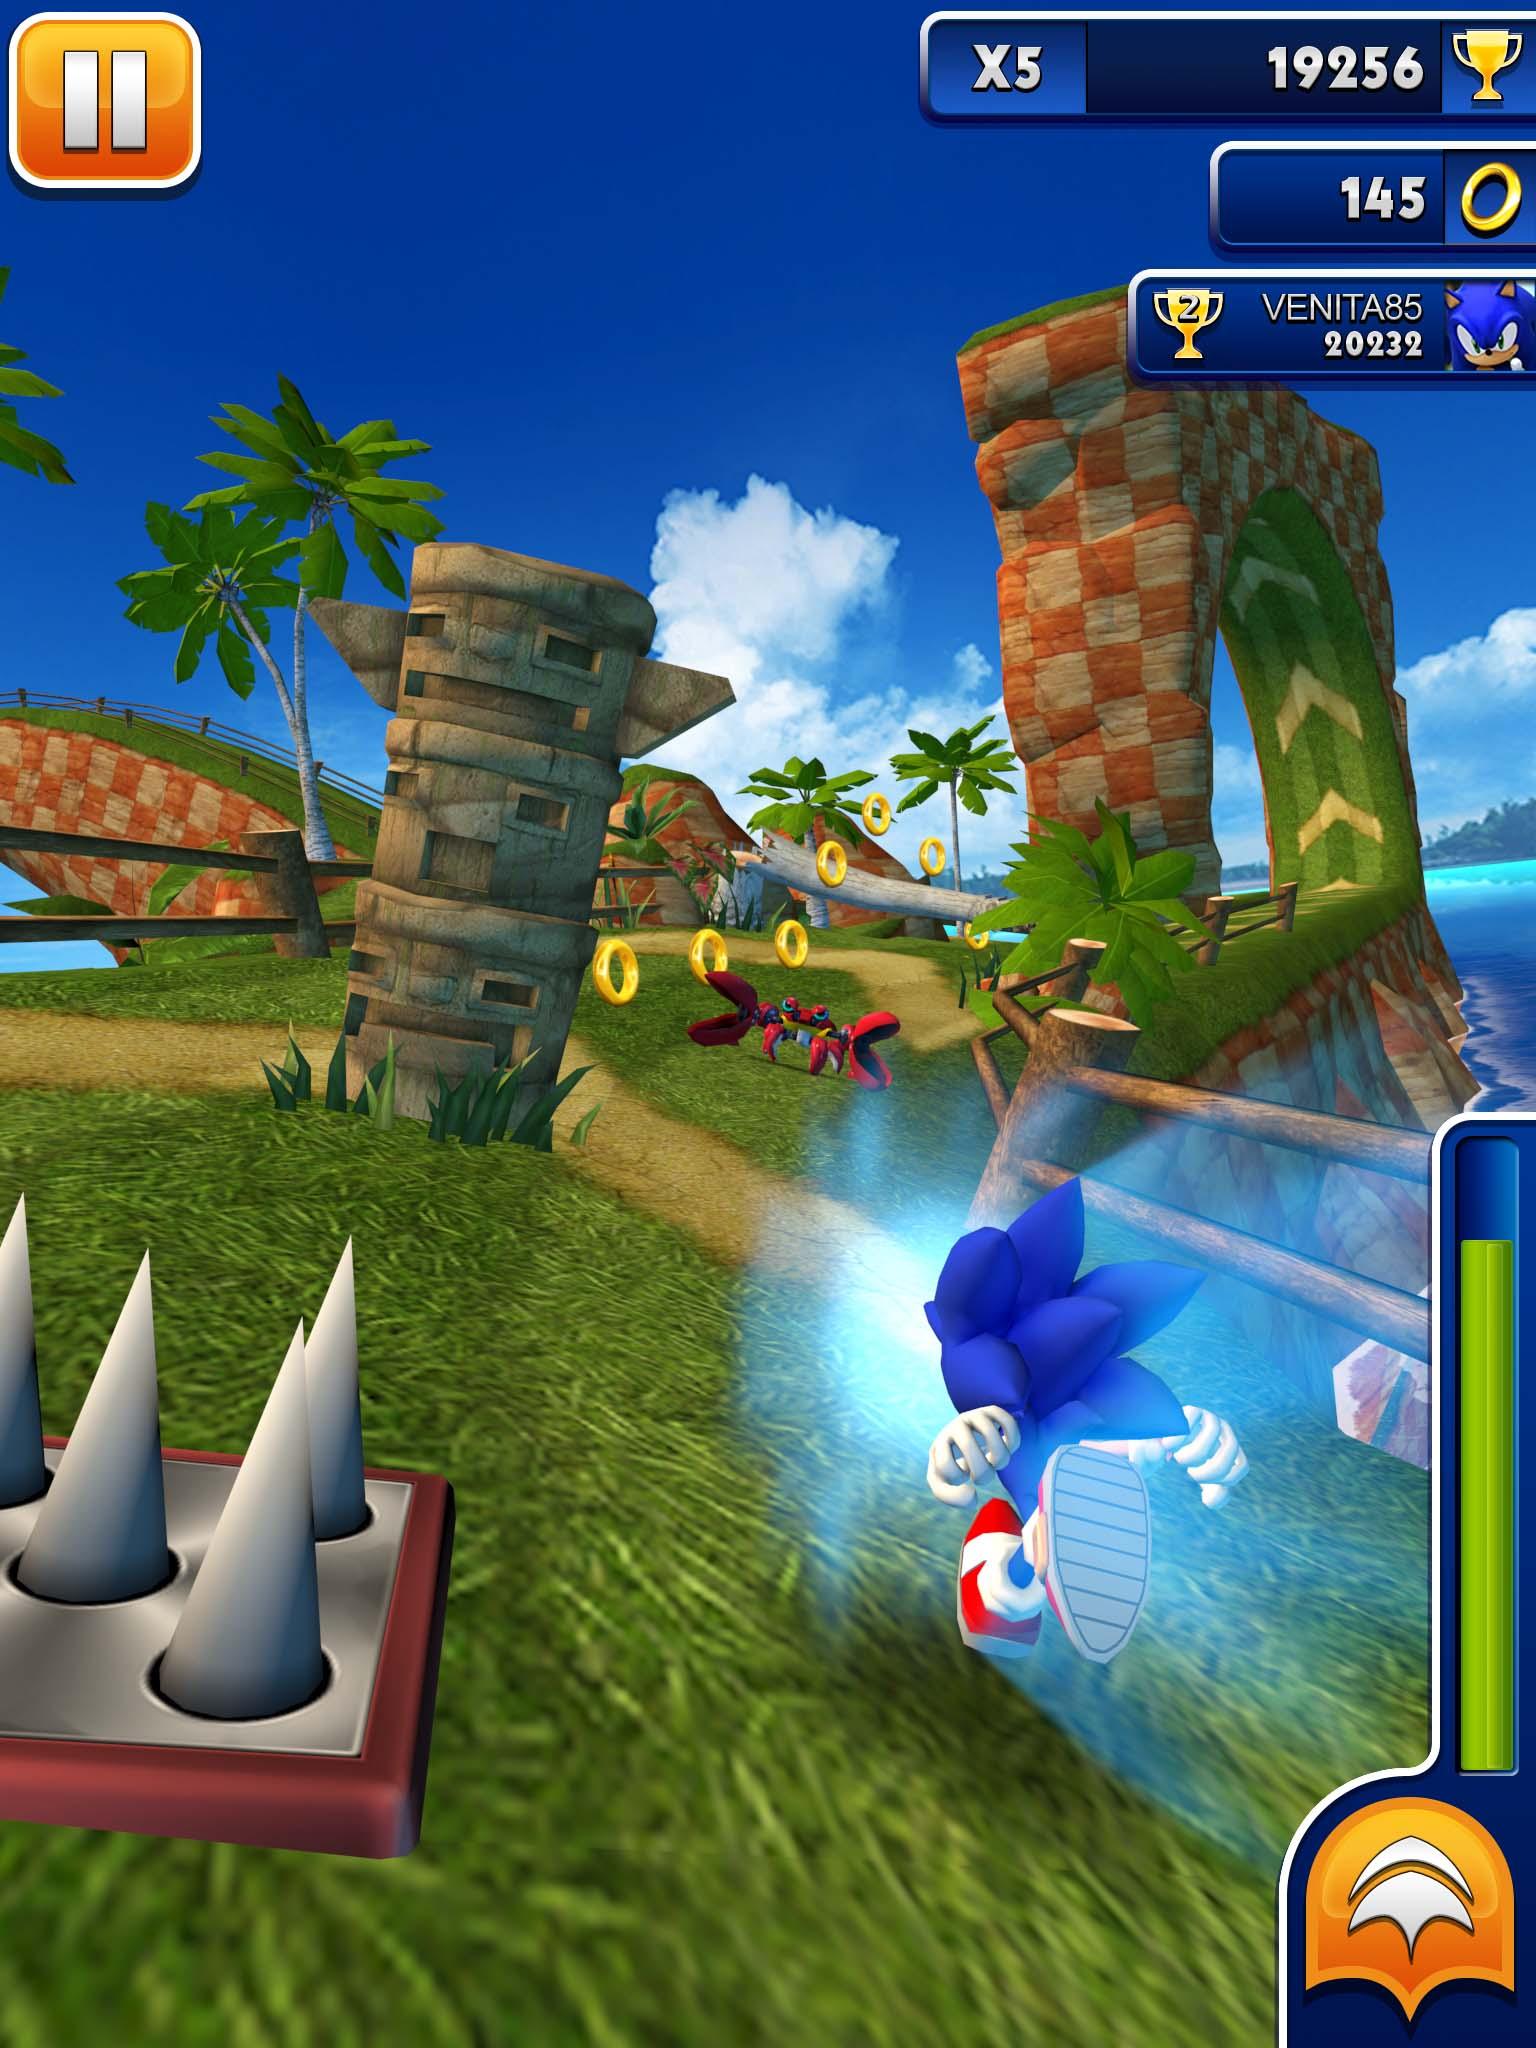 【修改版】Sonic Dash 音速小子 4.8.0 無限金幣 - Android 遊戲.應用下載 - 冰楓論壇 - 綜合論壇.外掛下載.外掛討論 ...